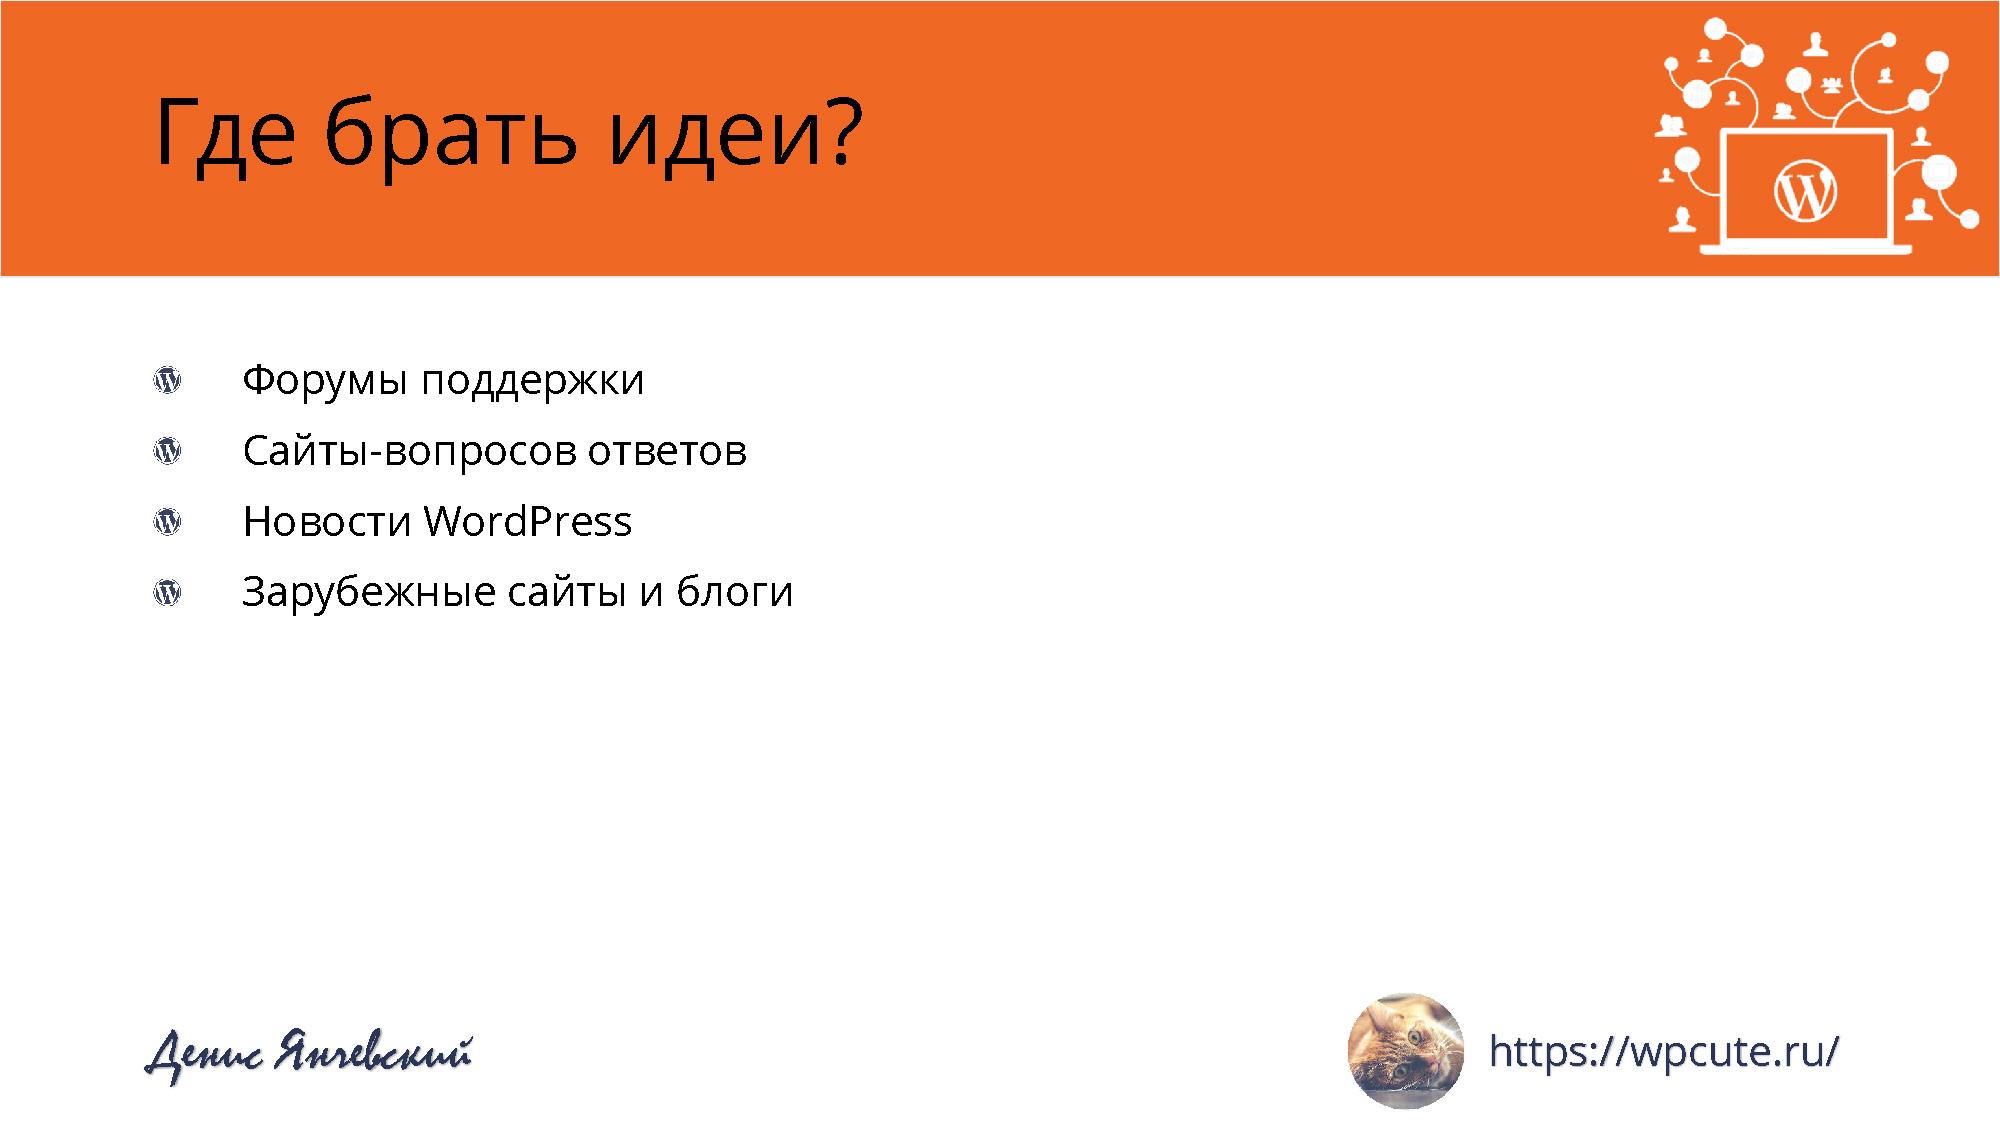 Kak_zavesti_i_dlya_chego_ispolzovat_blog_razrabotchiku__Denis_Yanchevskiy_Страница_09